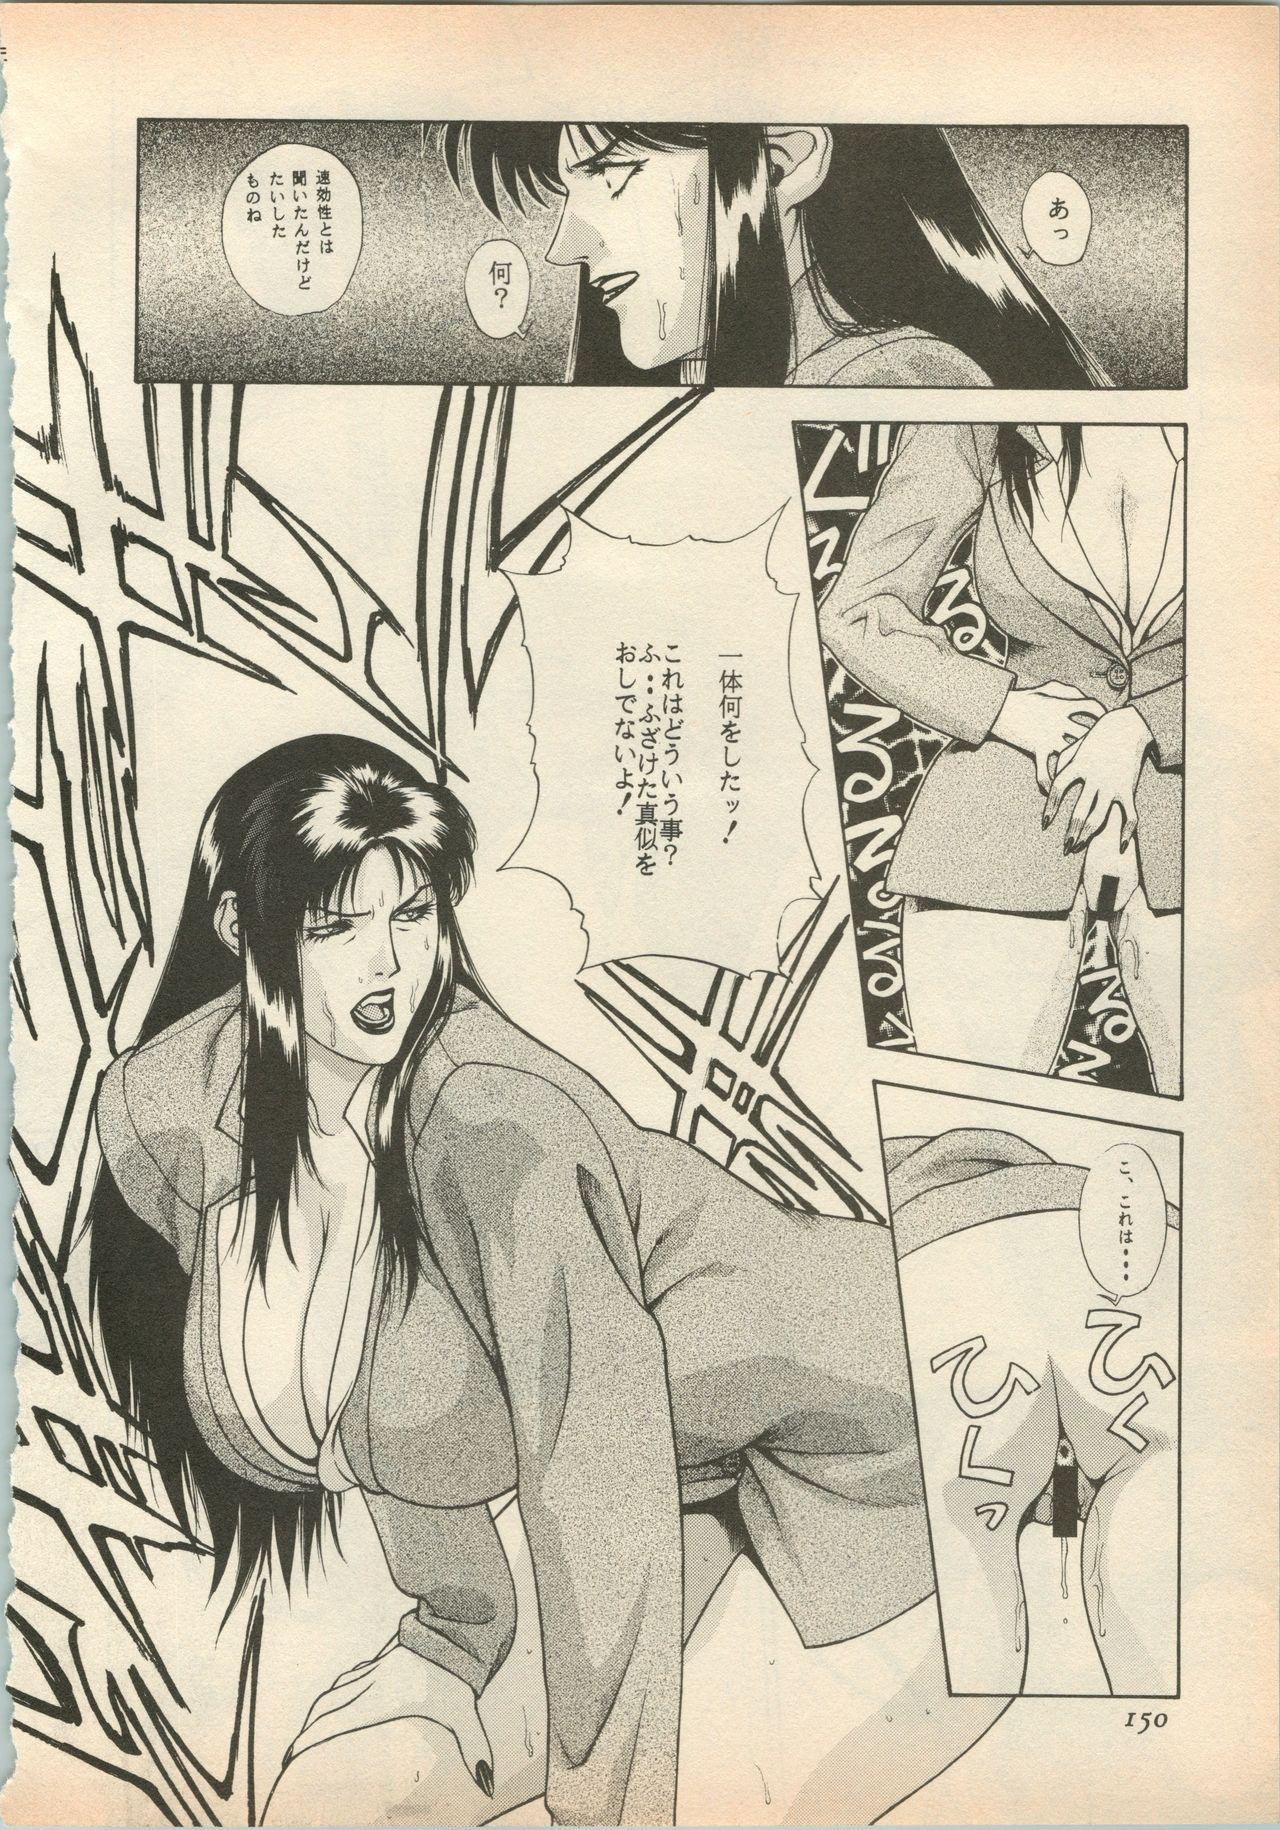 Shin Bishoujo Shoukougun 5 Fukkatsu hen 152